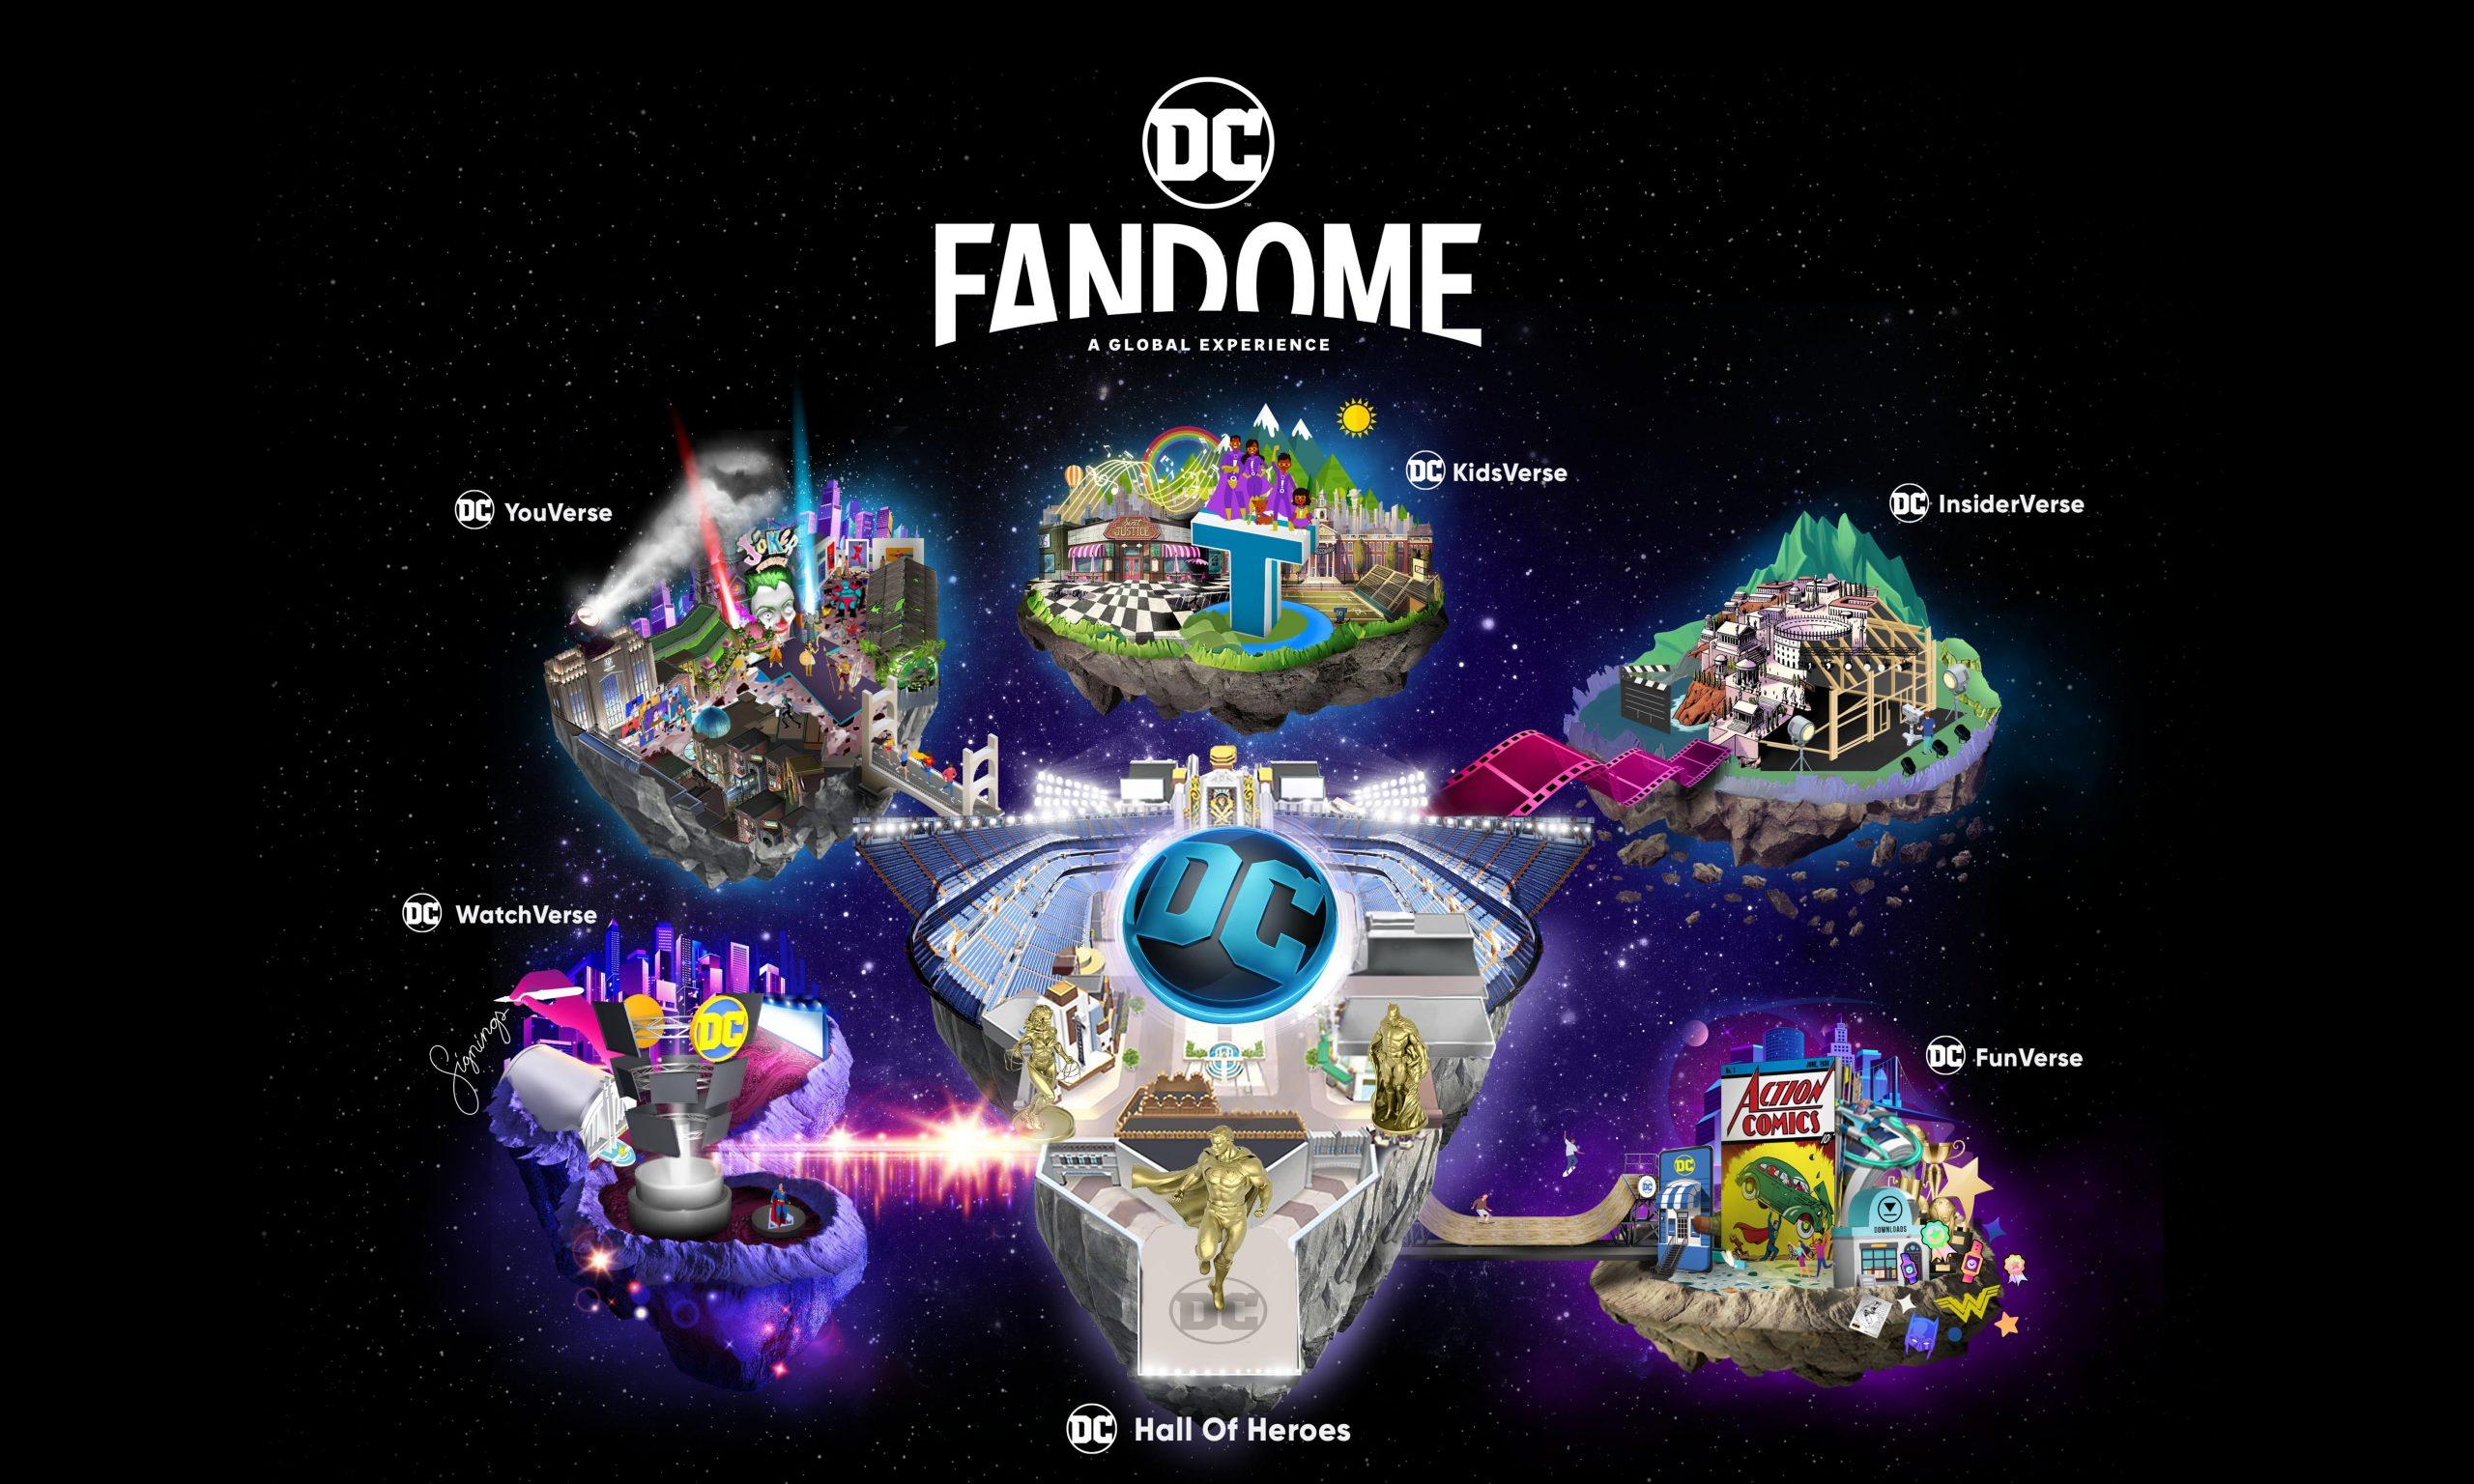 DC 宣布将在 8 月 22 日举办线上虚拟盛会